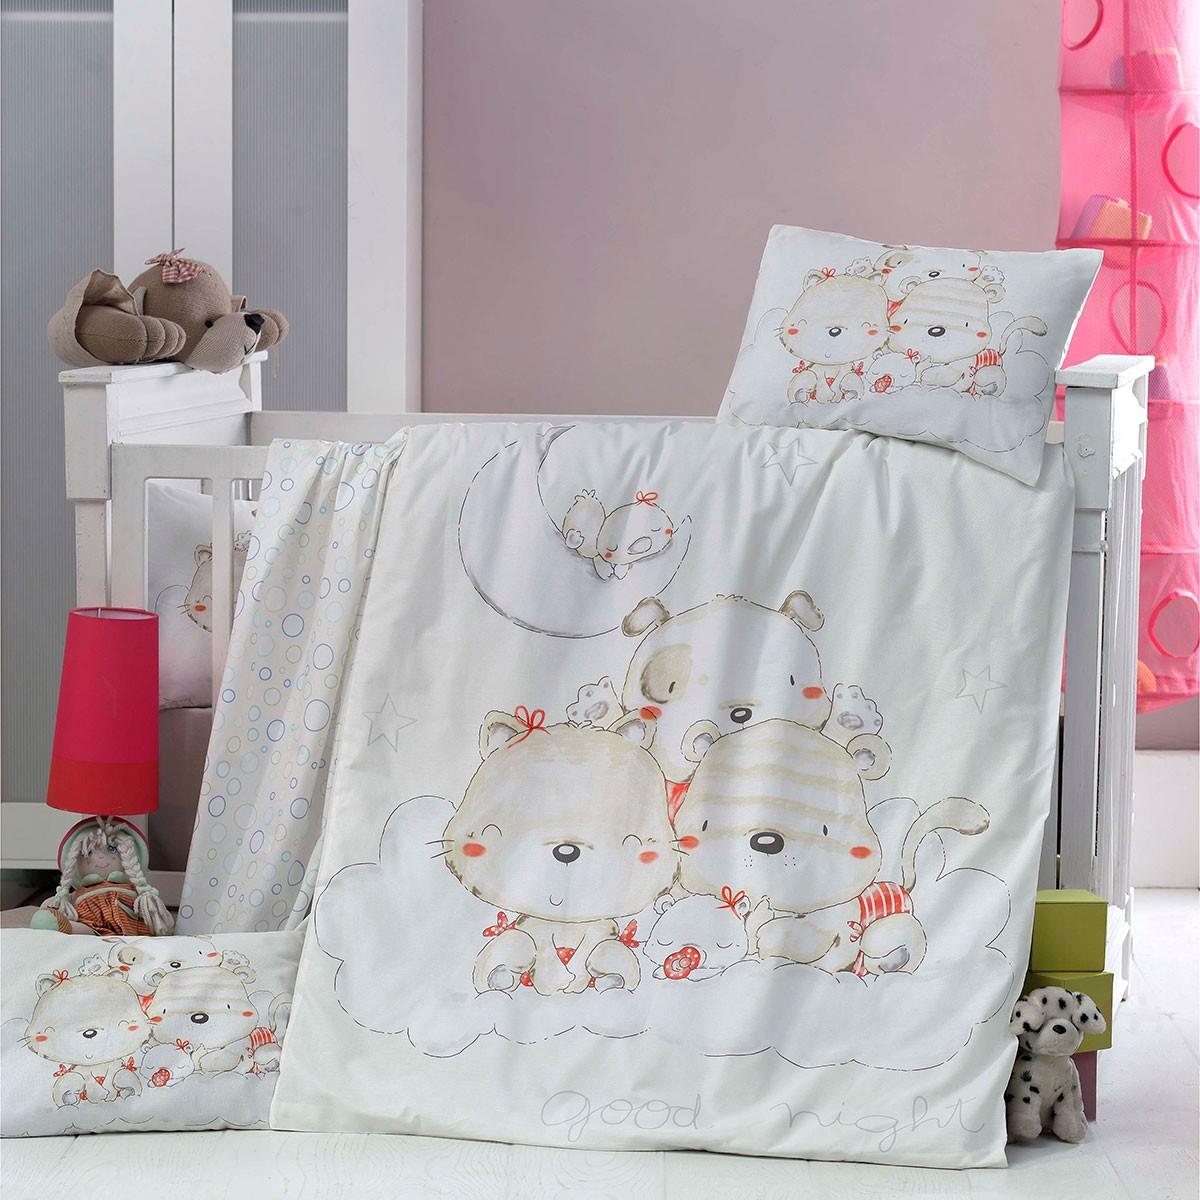 Σετ Κούνιας 5τμχ Palamaiki Welcome Baby Goodnight